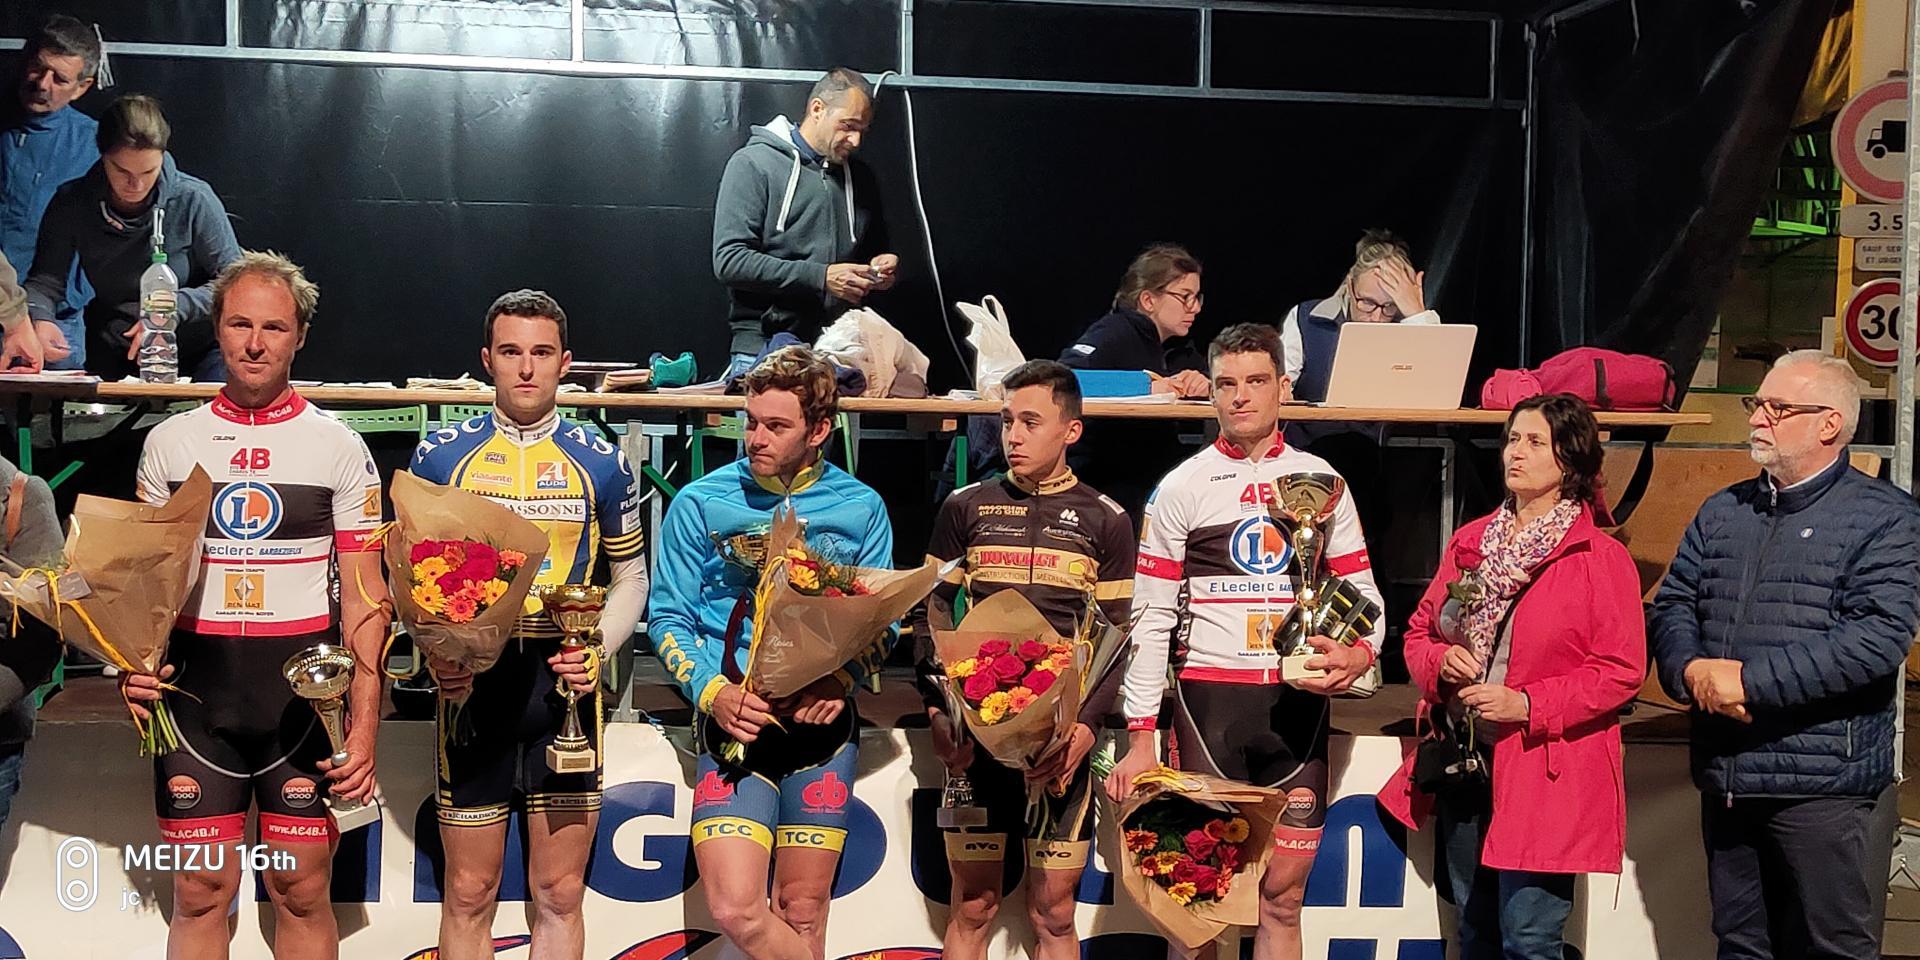 Le 12 juin 2019  L'ISLE D'ESPAGNAC - NOCTURNE (16) 1-2-3-J-PC OPEN Alexis Diligeart (TC Châteaubernard) a remporté, la 16e édition du Grand Prix de l'Isle d'Espagnac (16).   3 ème Ludovic Nadon et Meilleur sprinter ,  Alexandre Debeau 1 er PC